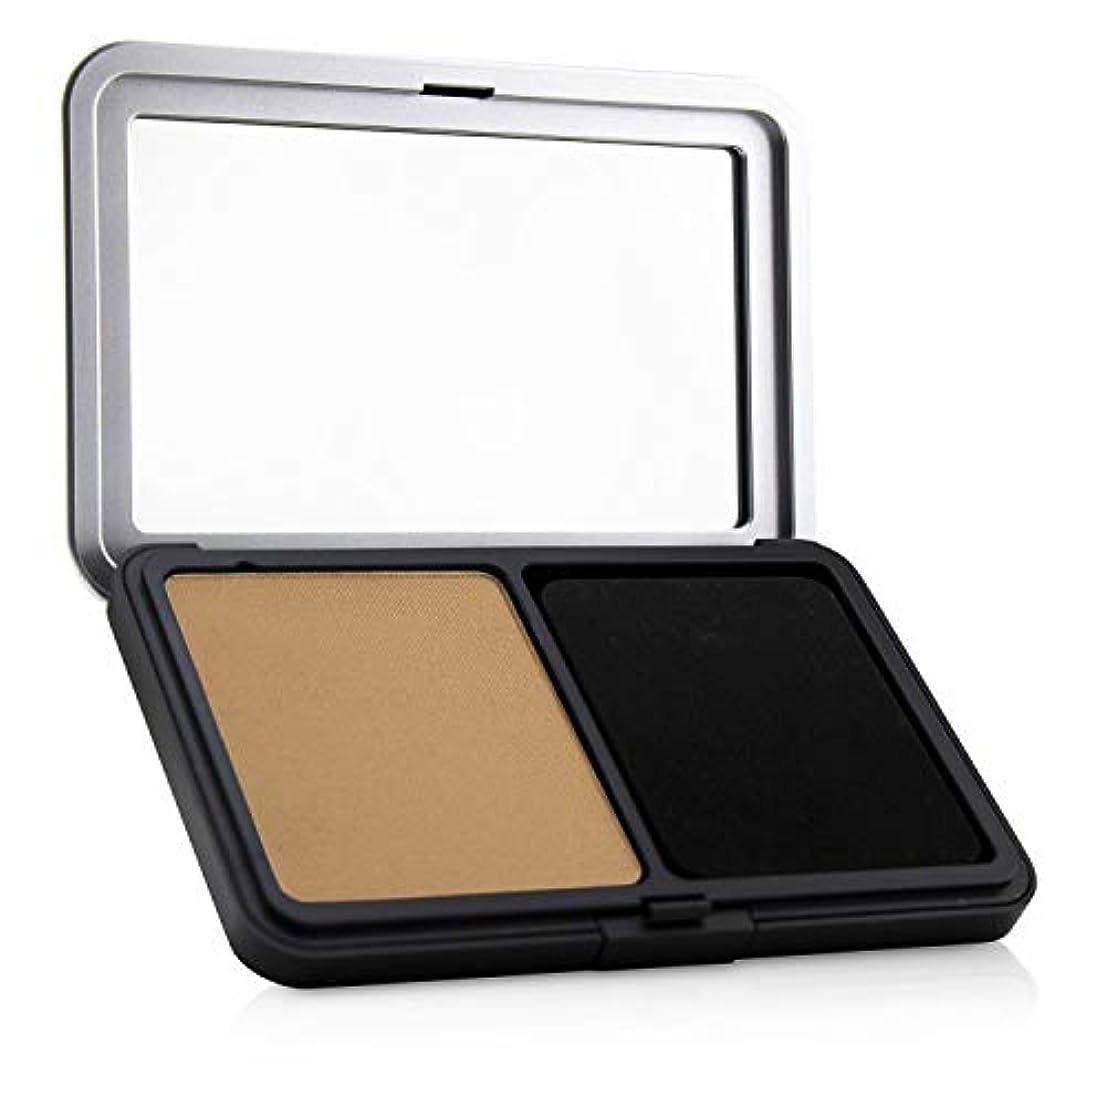 ずるい同等のなしでメイクアップフォーエバー Matte Velvet Skin Blurring Powder Foundation - # R370 (Medium Beige) 11g/0.38oz並行輸入品